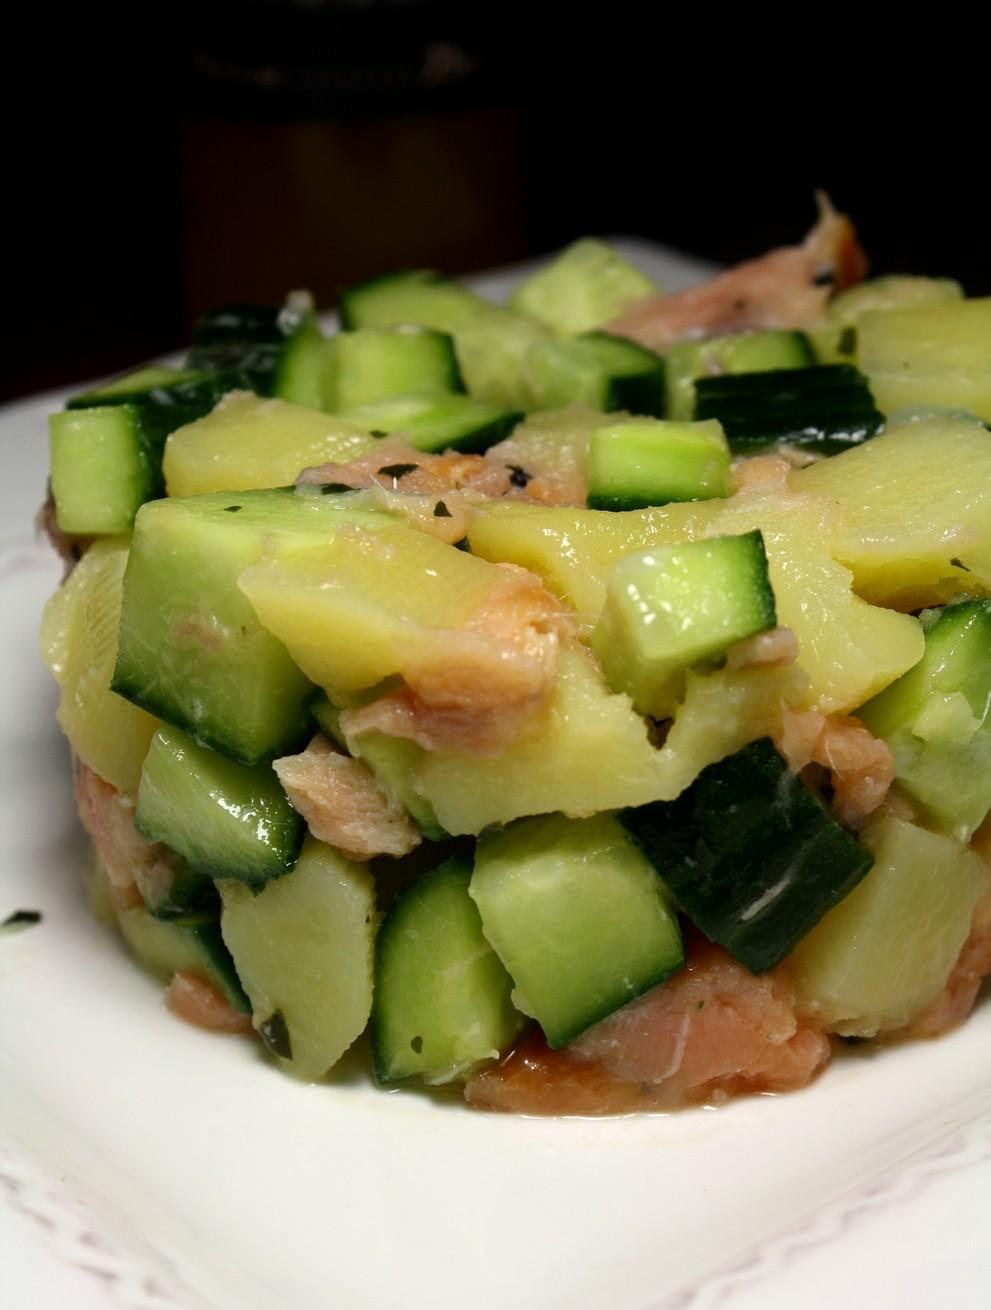 salade de pommes de terre saumon concombre les delices de letiss. Black Bedroom Furniture Sets. Home Design Ideas